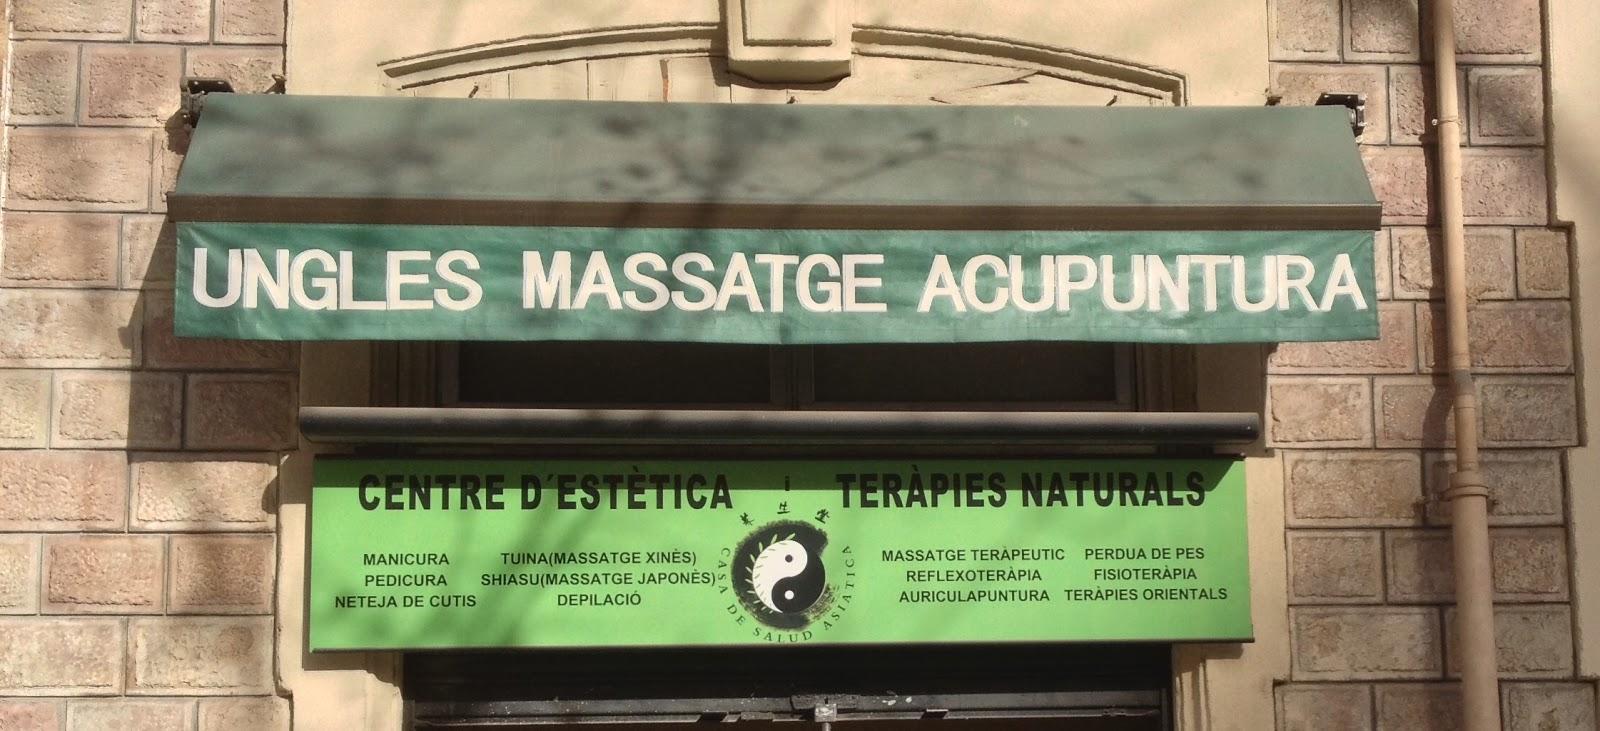 centros estética y medicinas tradicionales masajes acupuntura uñas